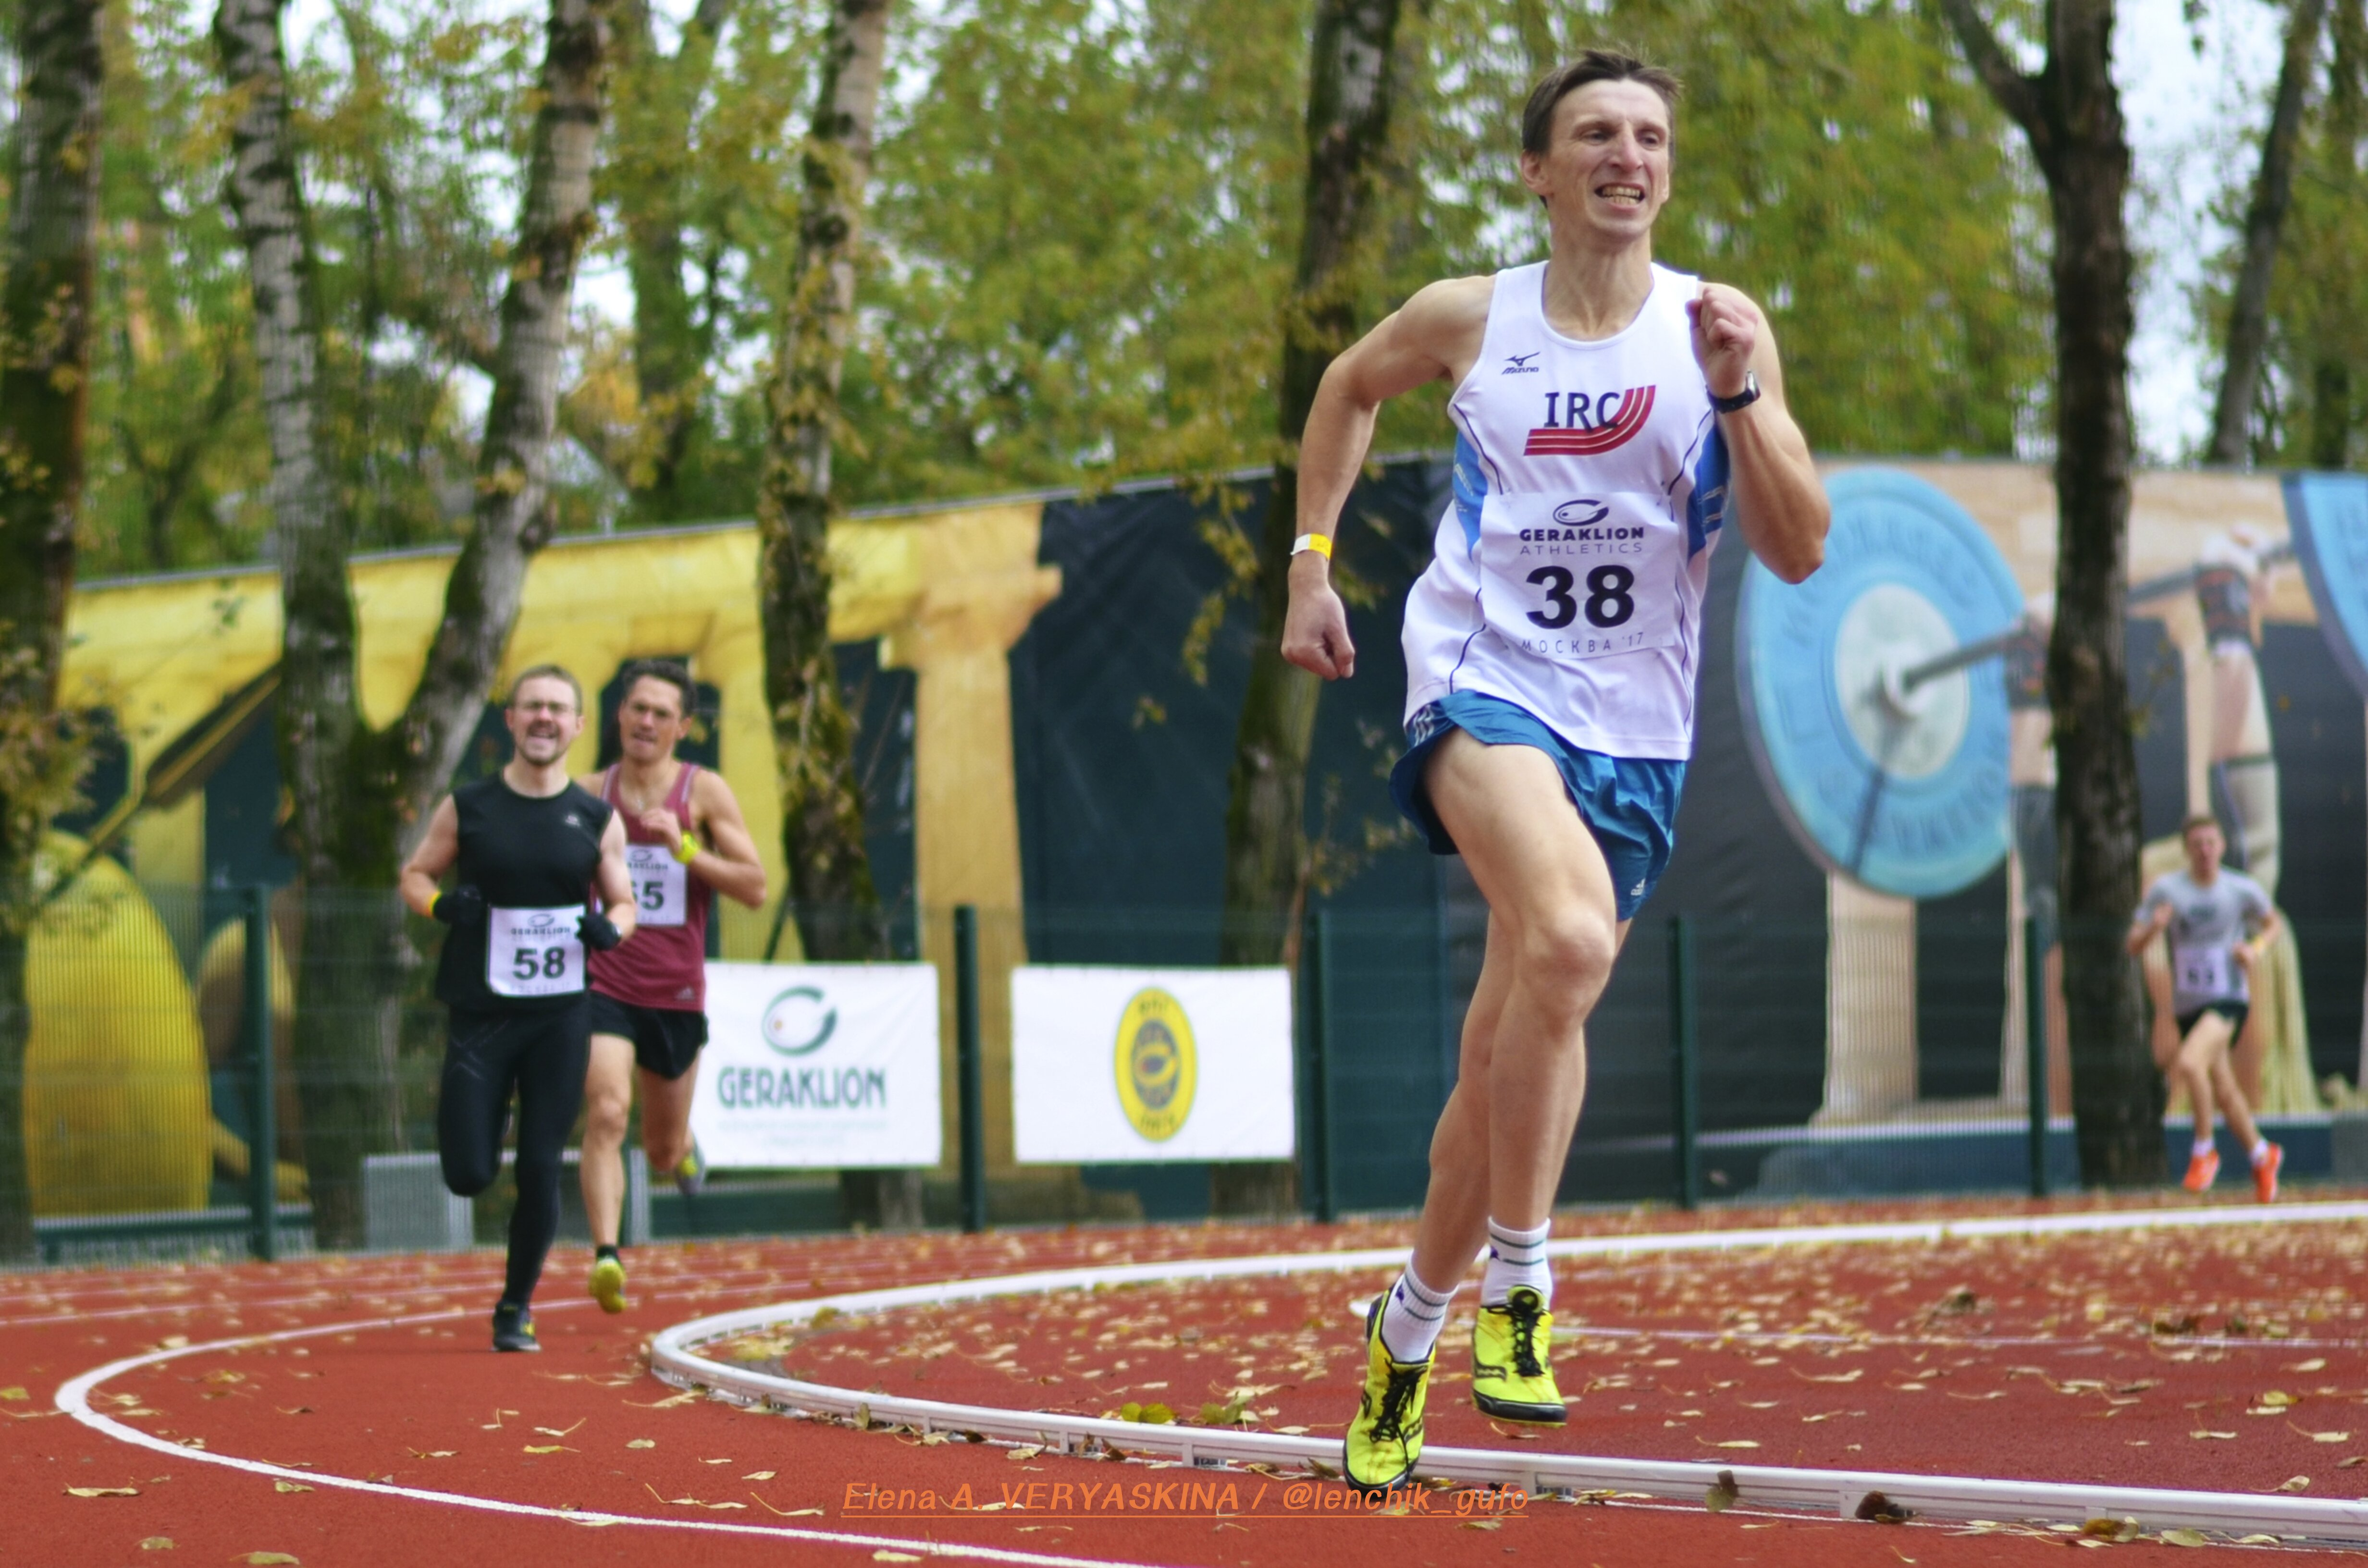 Тренер по бегу клуба SRELA Владимир Метелкин во время соревнований на стадионе